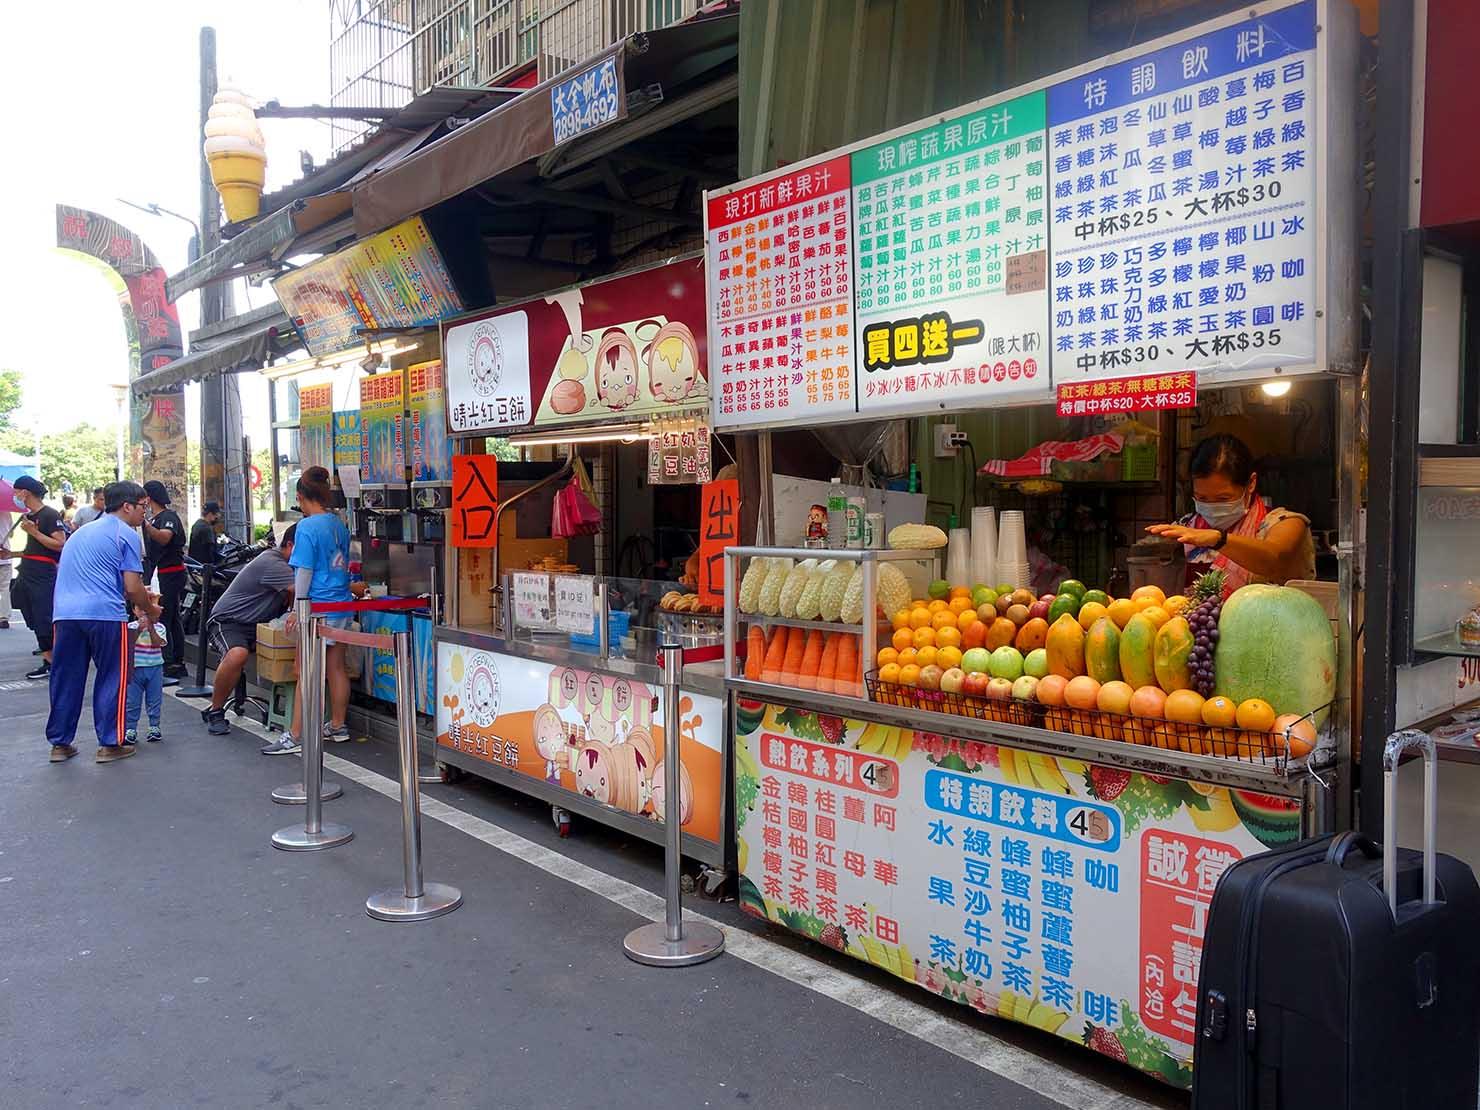 台北・淡水老街のおすすめスポット「公明街」の屋台